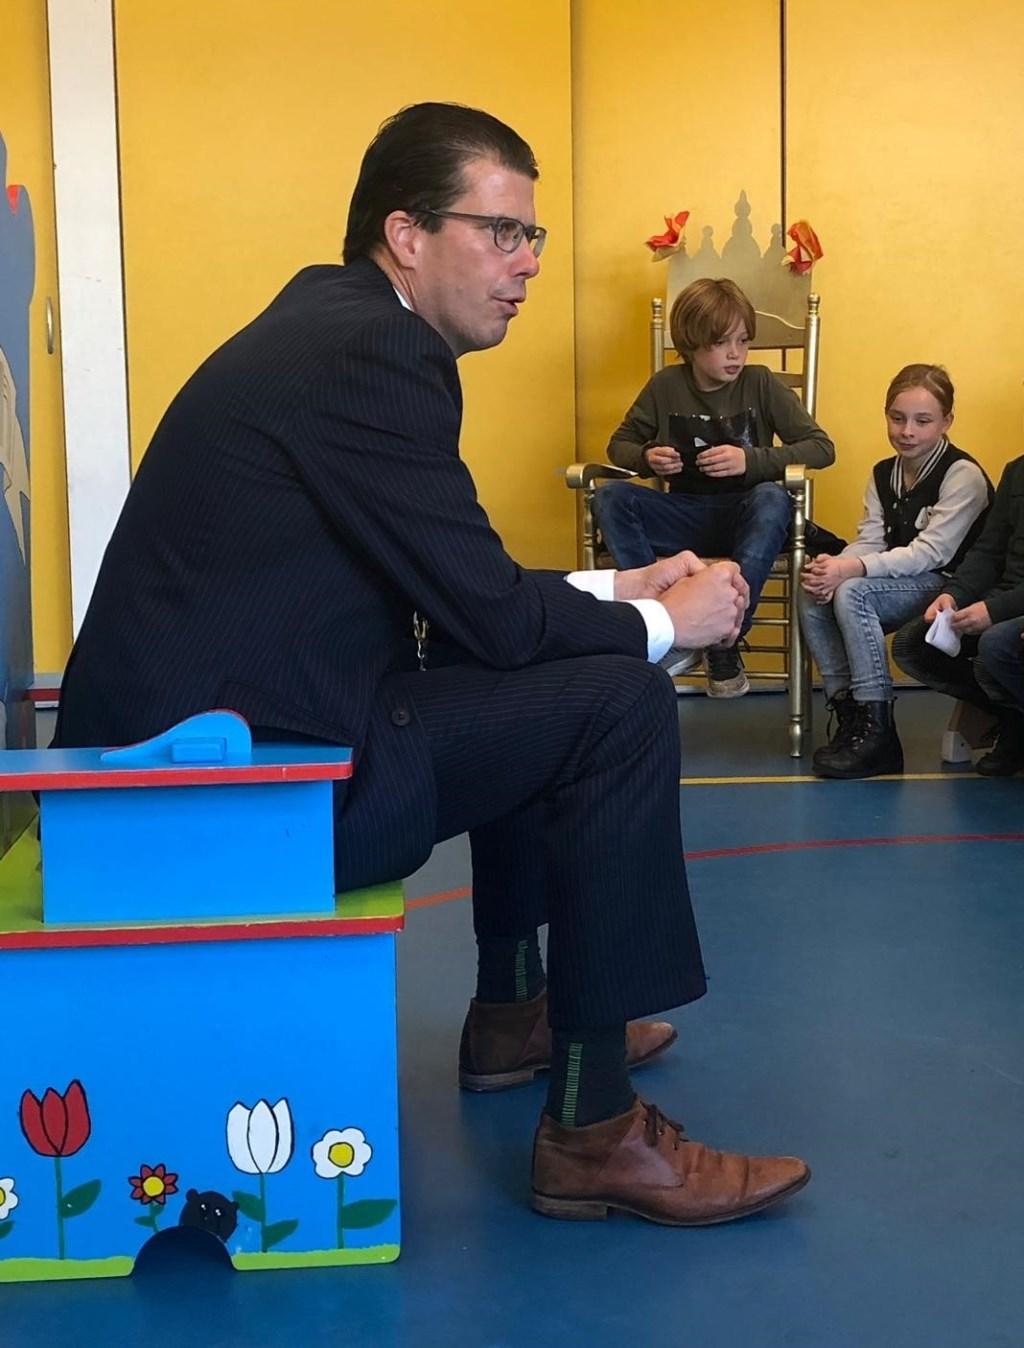 Burgemeester Joost van Oostrum vertelt met plezier over zijn werk op obs Menno ter Braak. In het midden leerling Gijs.